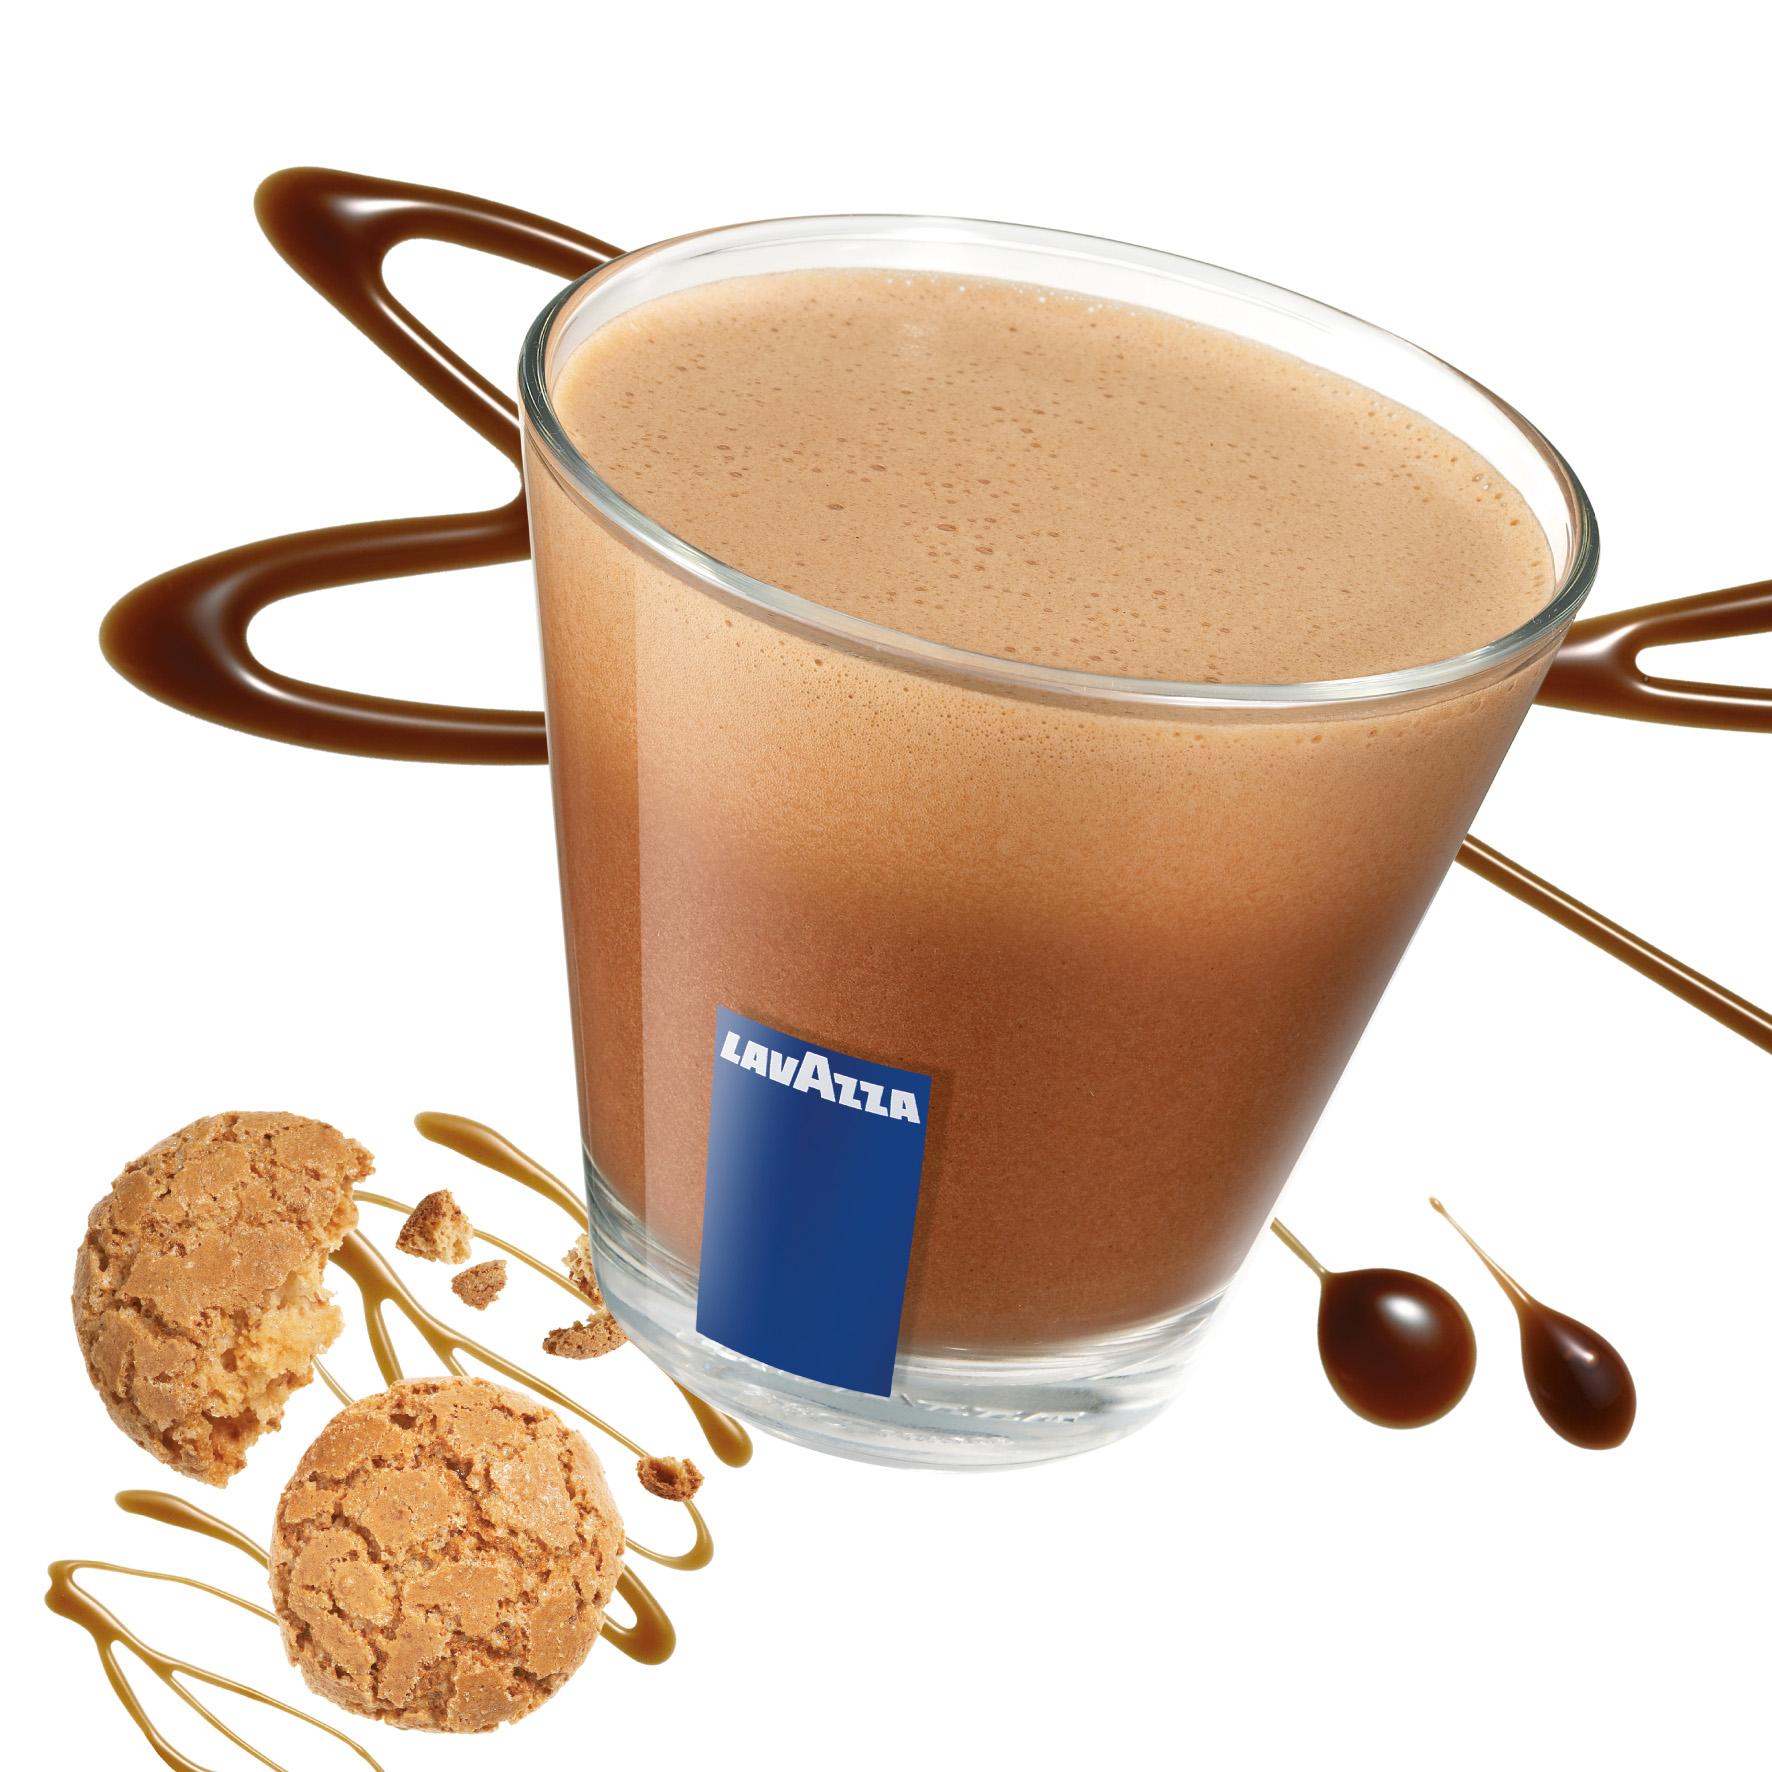 Winterliche Kaffeespezialität als Aktionsgetränk